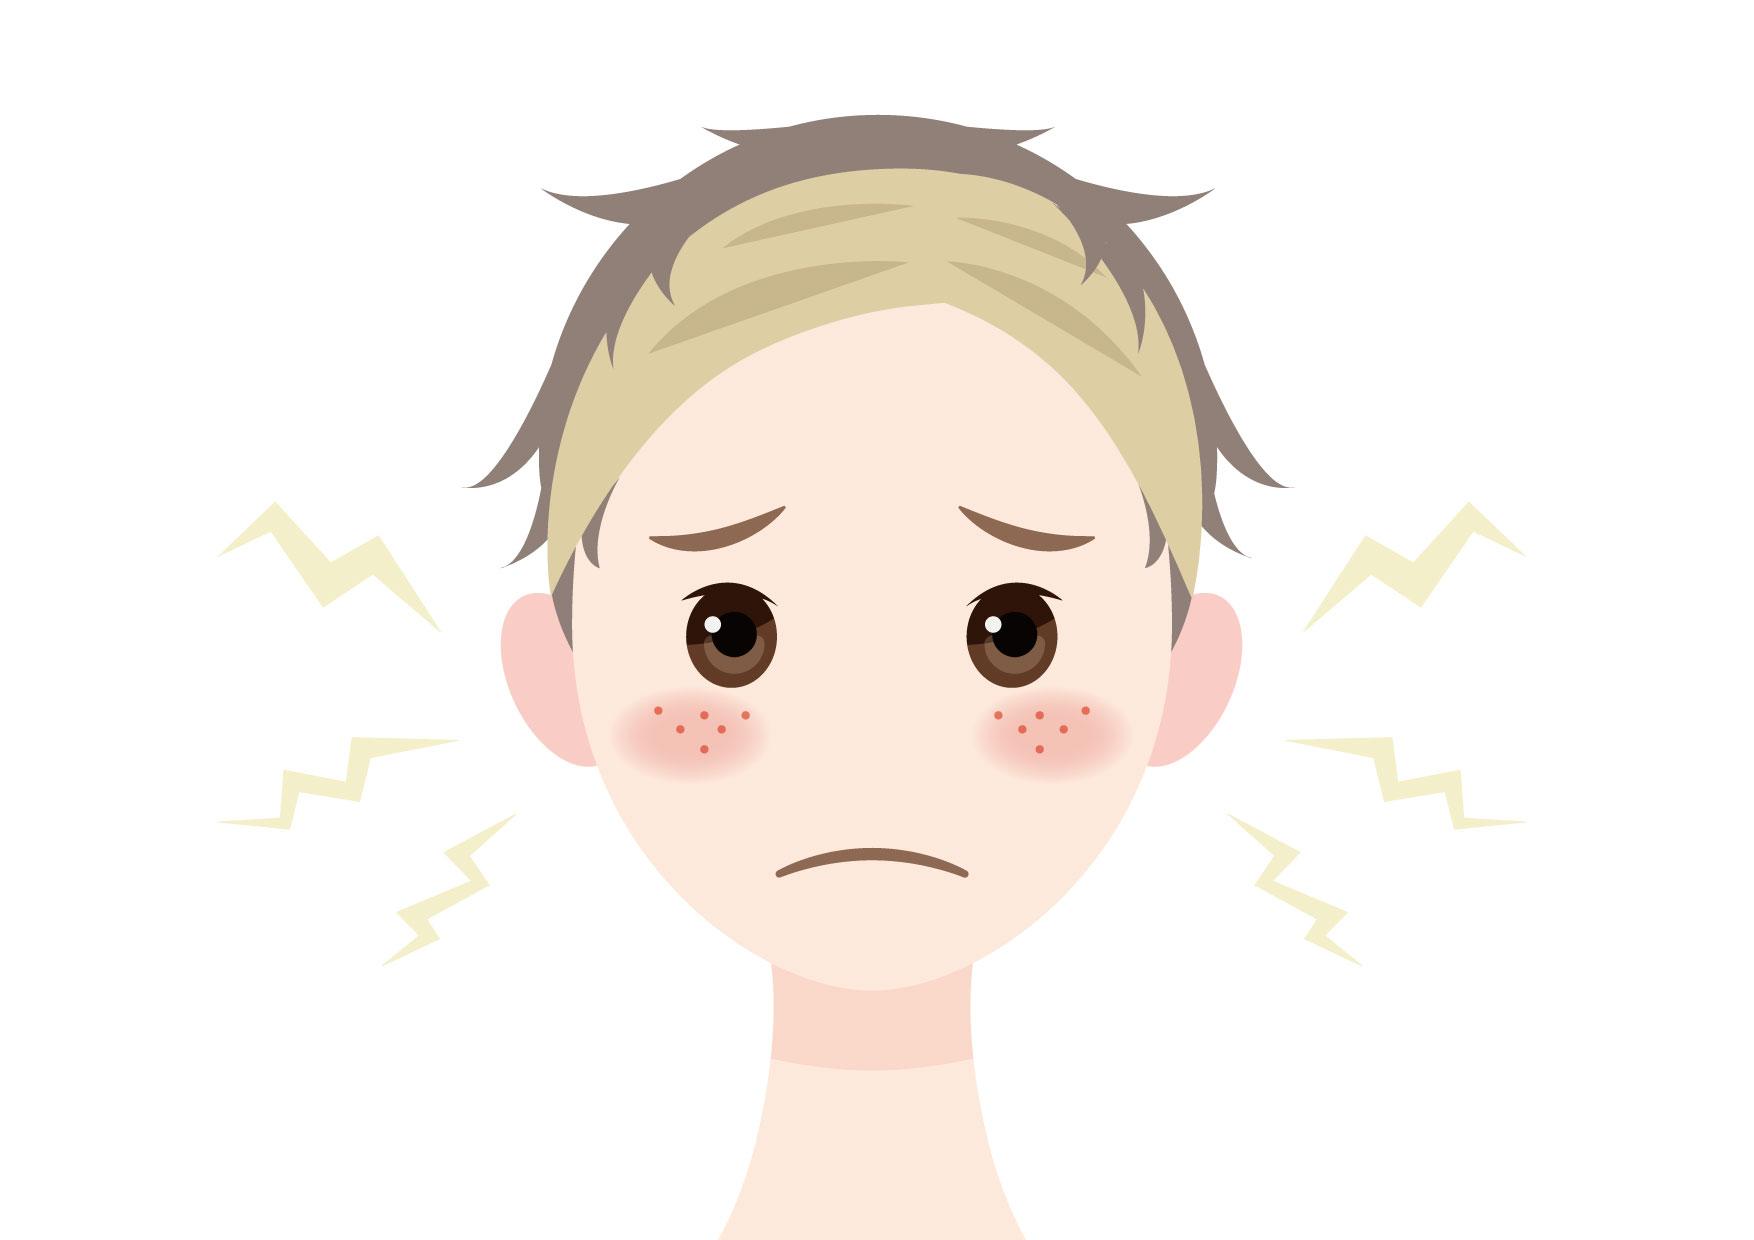 可愛いイラスト無料|男性 顔 肌荒れ ニキビ − free illustration Male face rough skin Acne